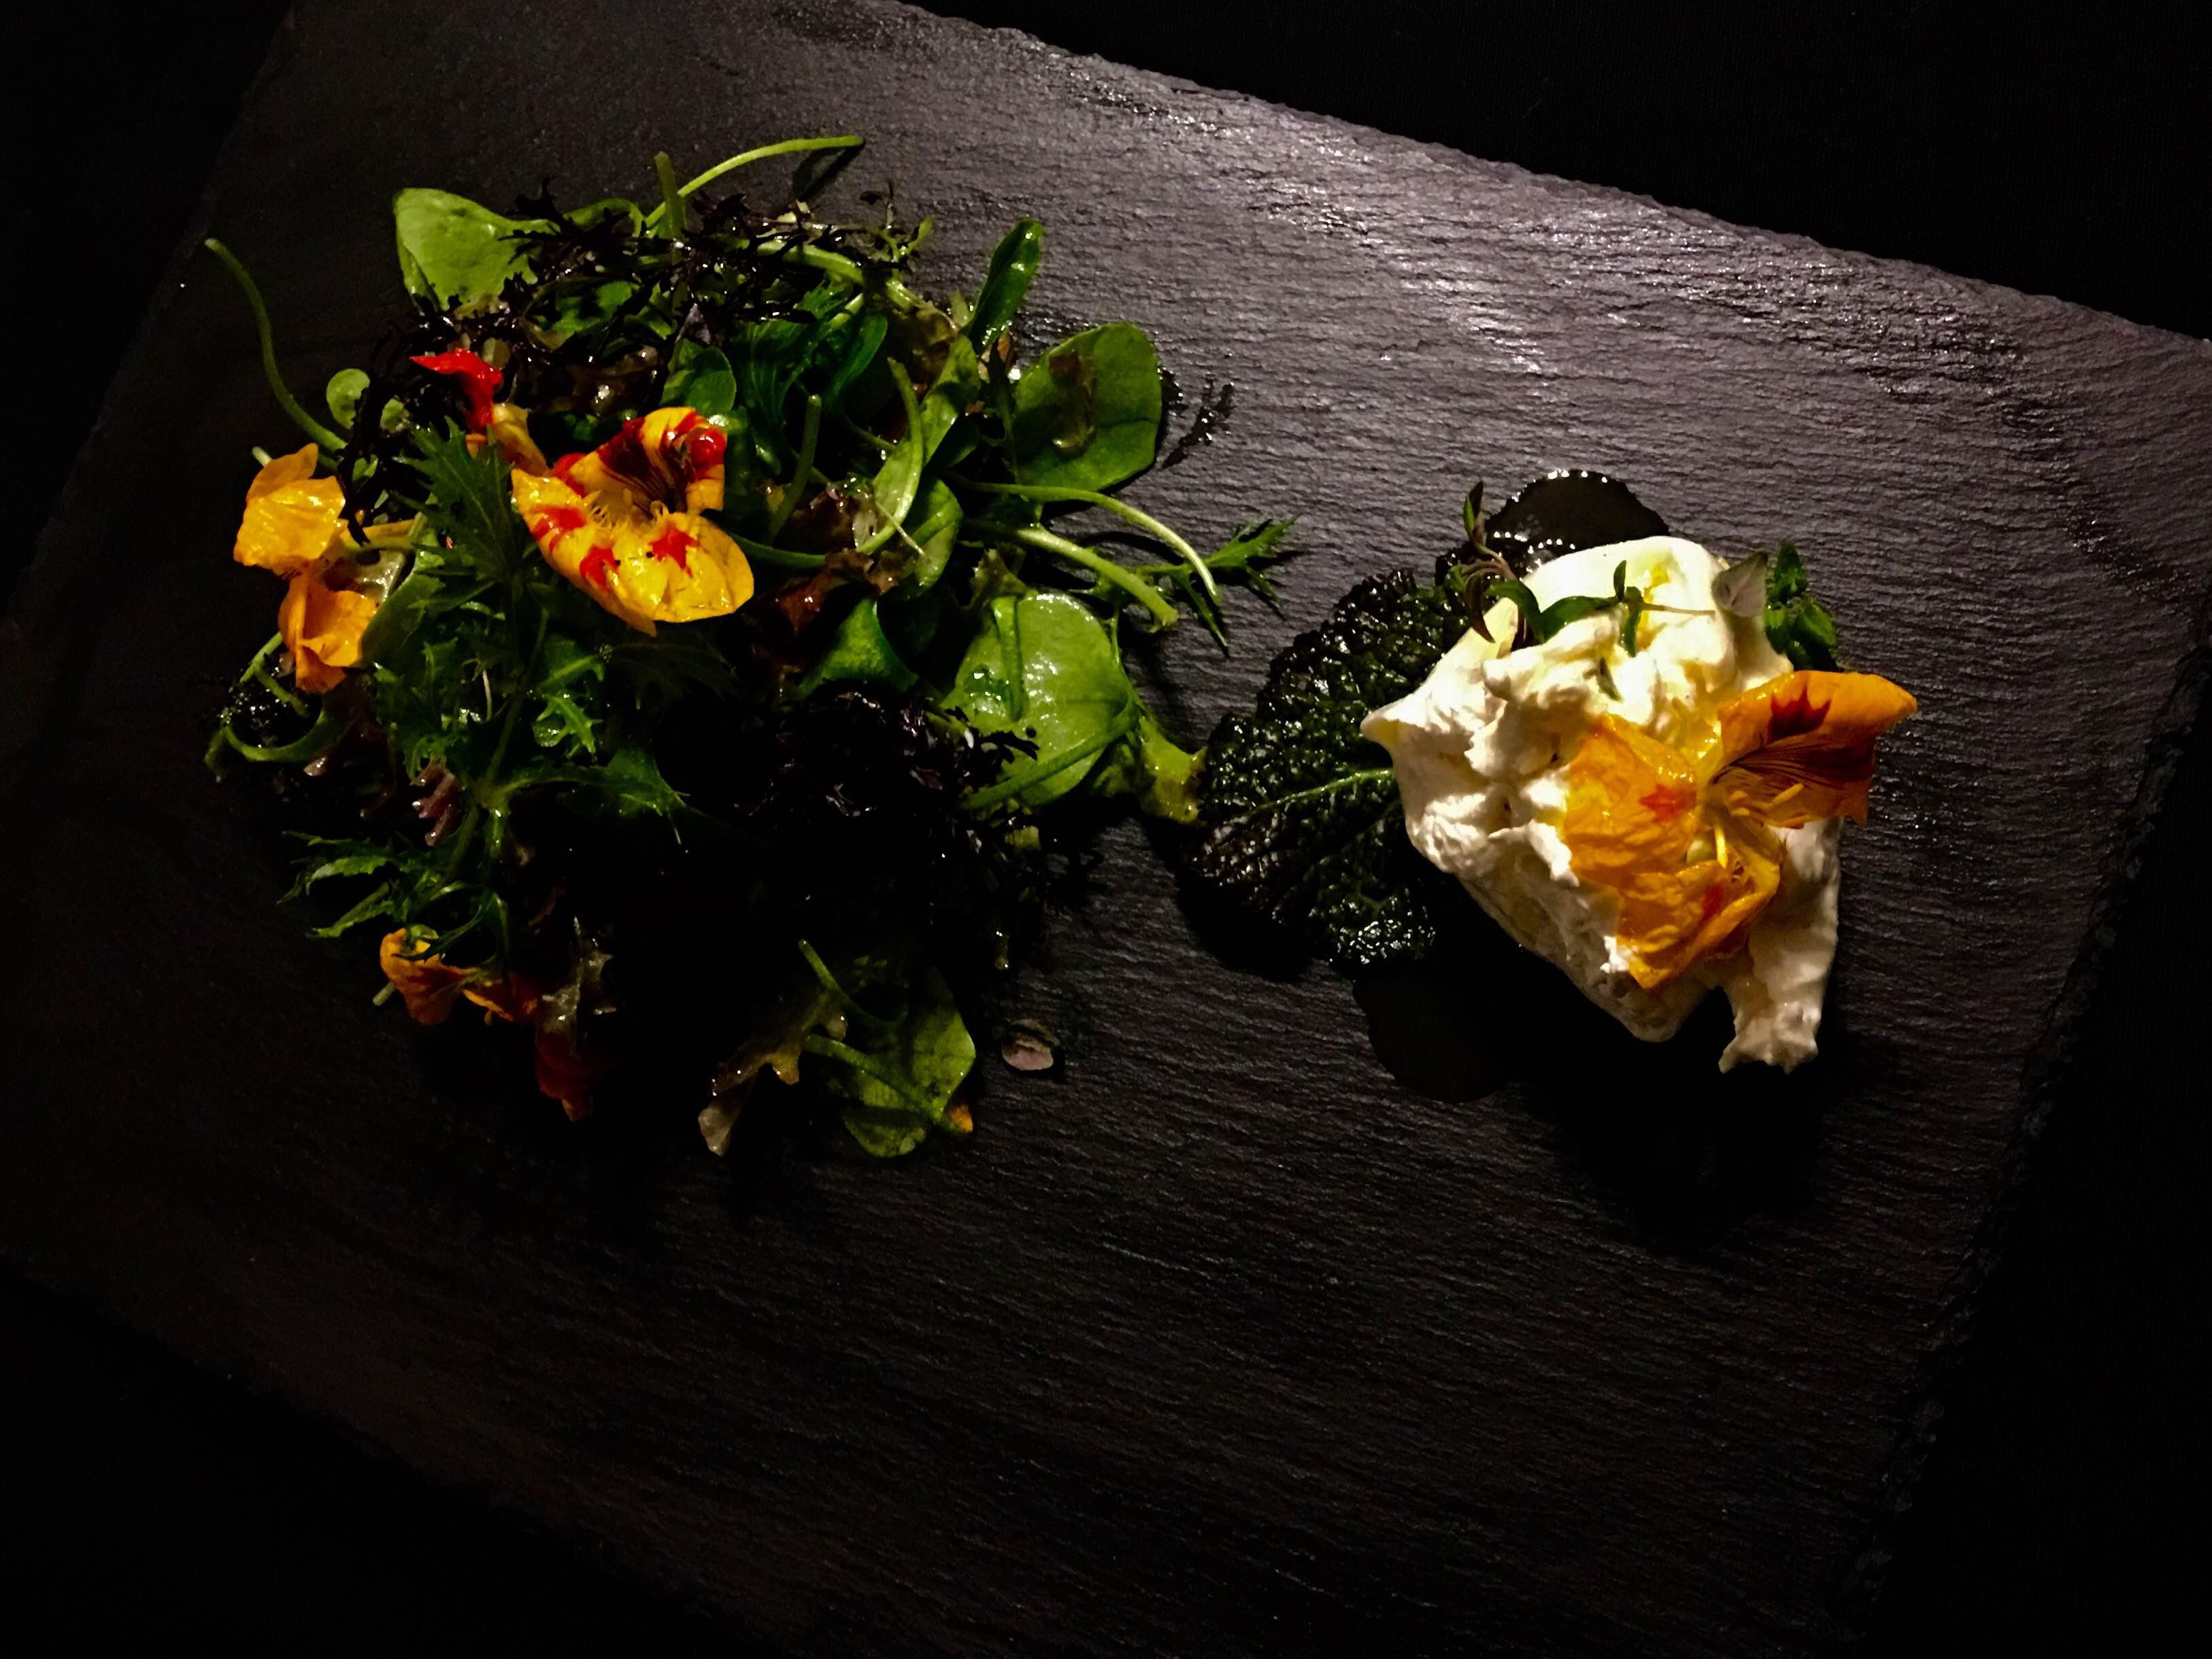 Herbstsalat mit Portulak, Blüten und Burrata and Orangendressing